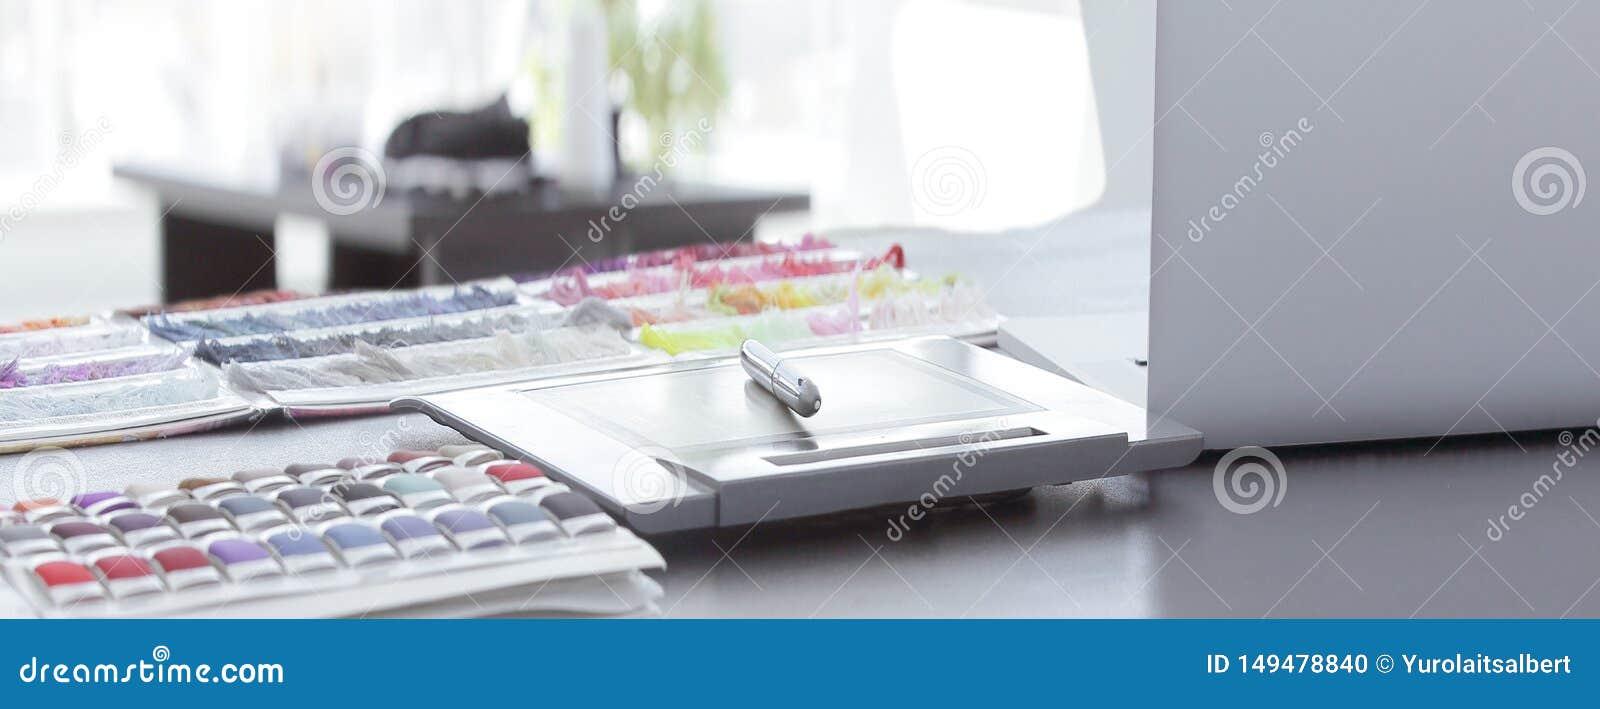 ?? 在桌上的笔、笔记本和织品样品在名牌服装